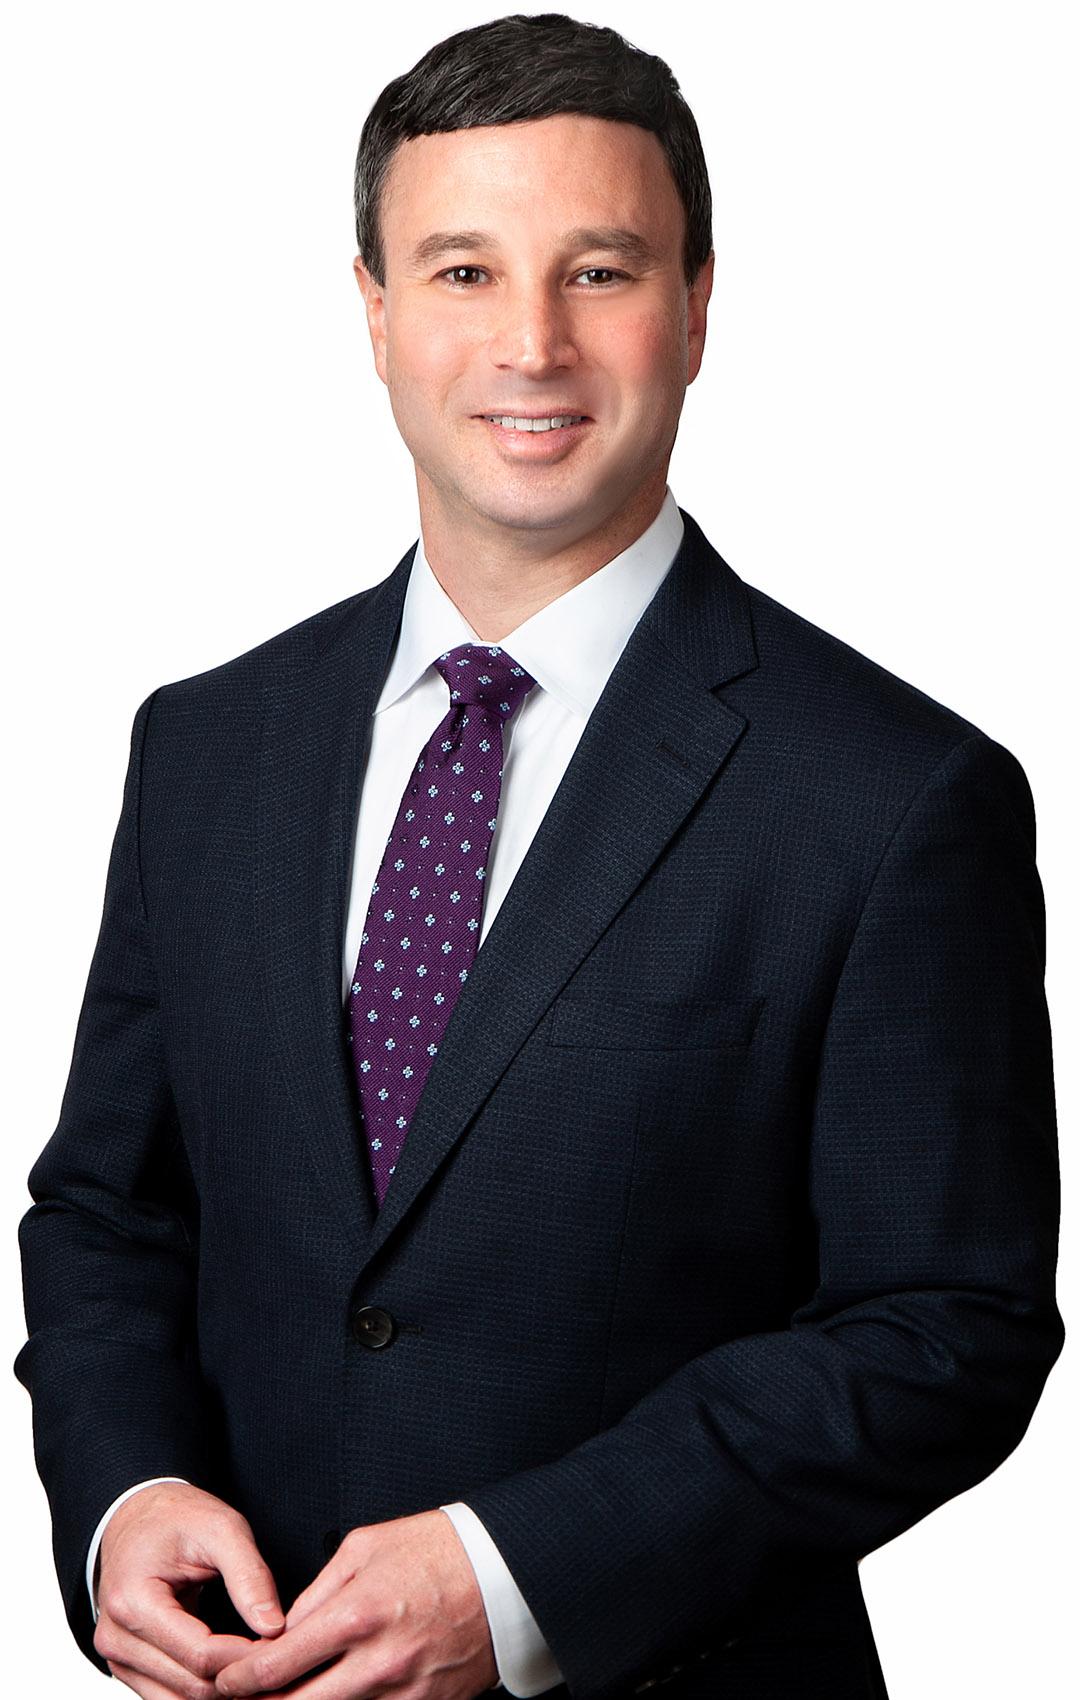 Daniel A. Cohen